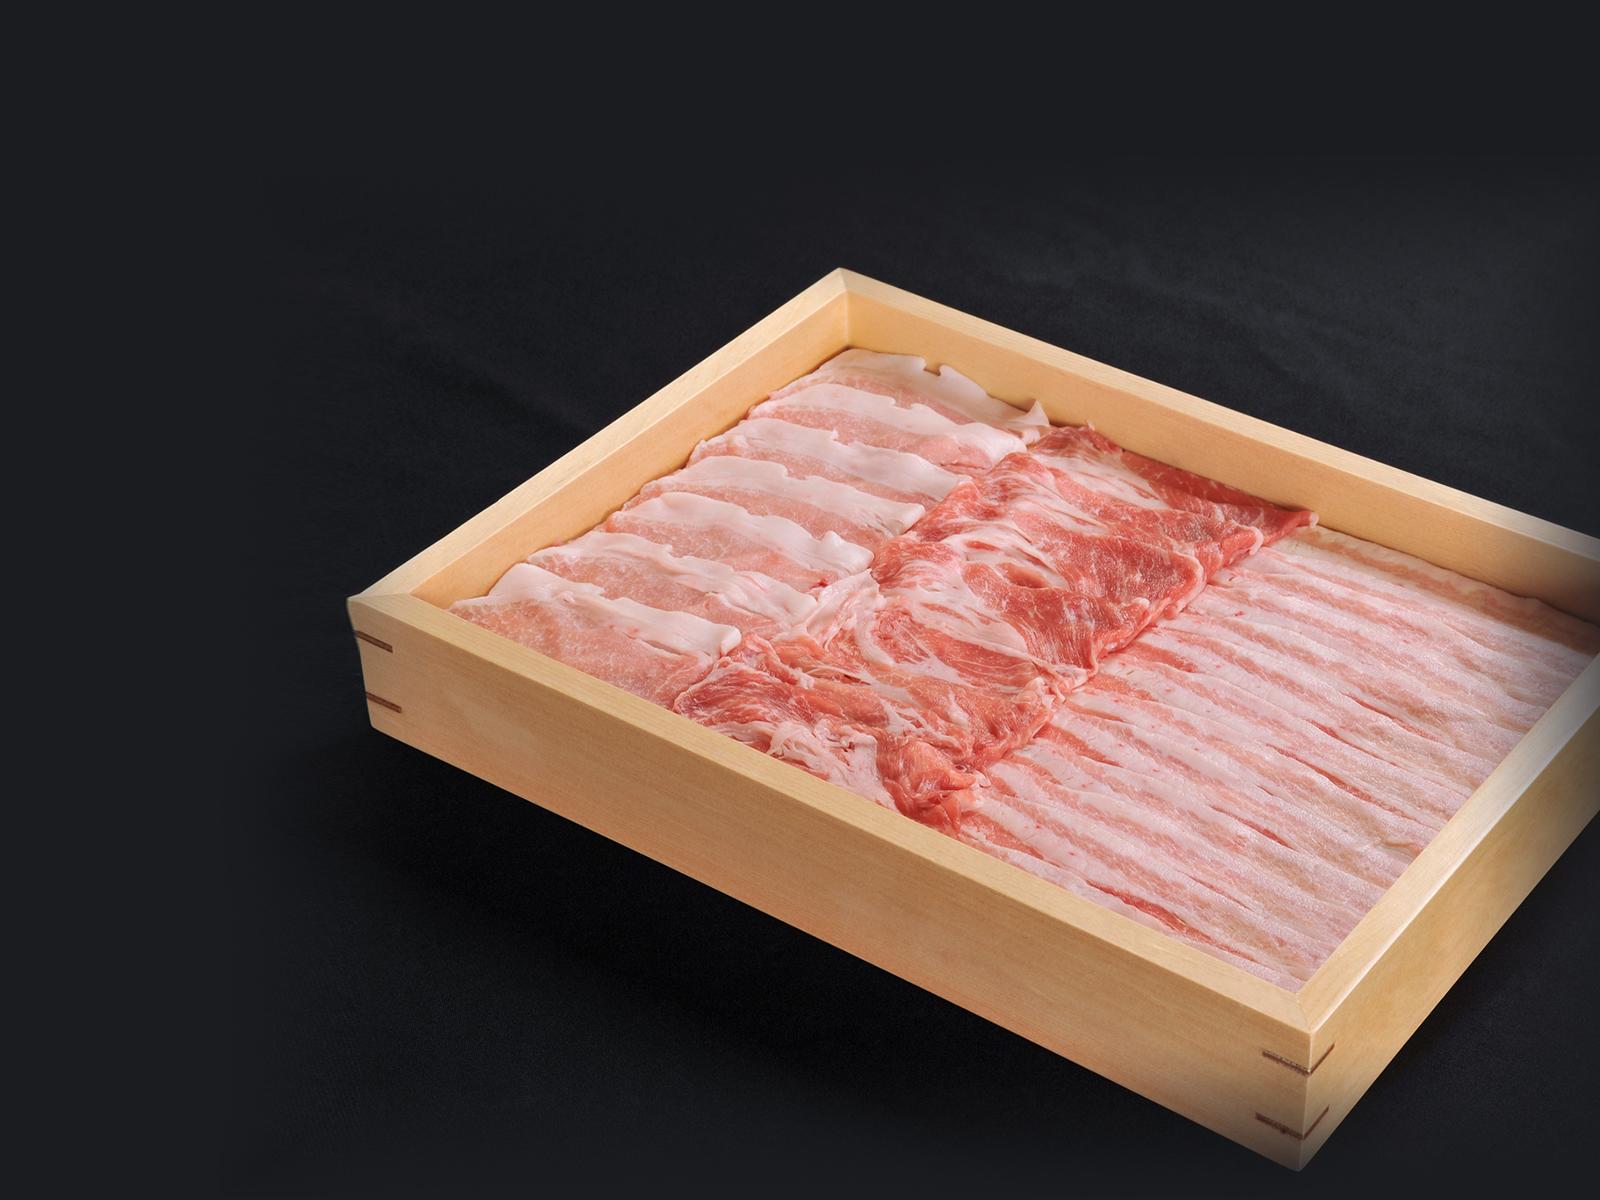 イベリコ豚を超えたアボカドポーク サンライズ(アボ豚)